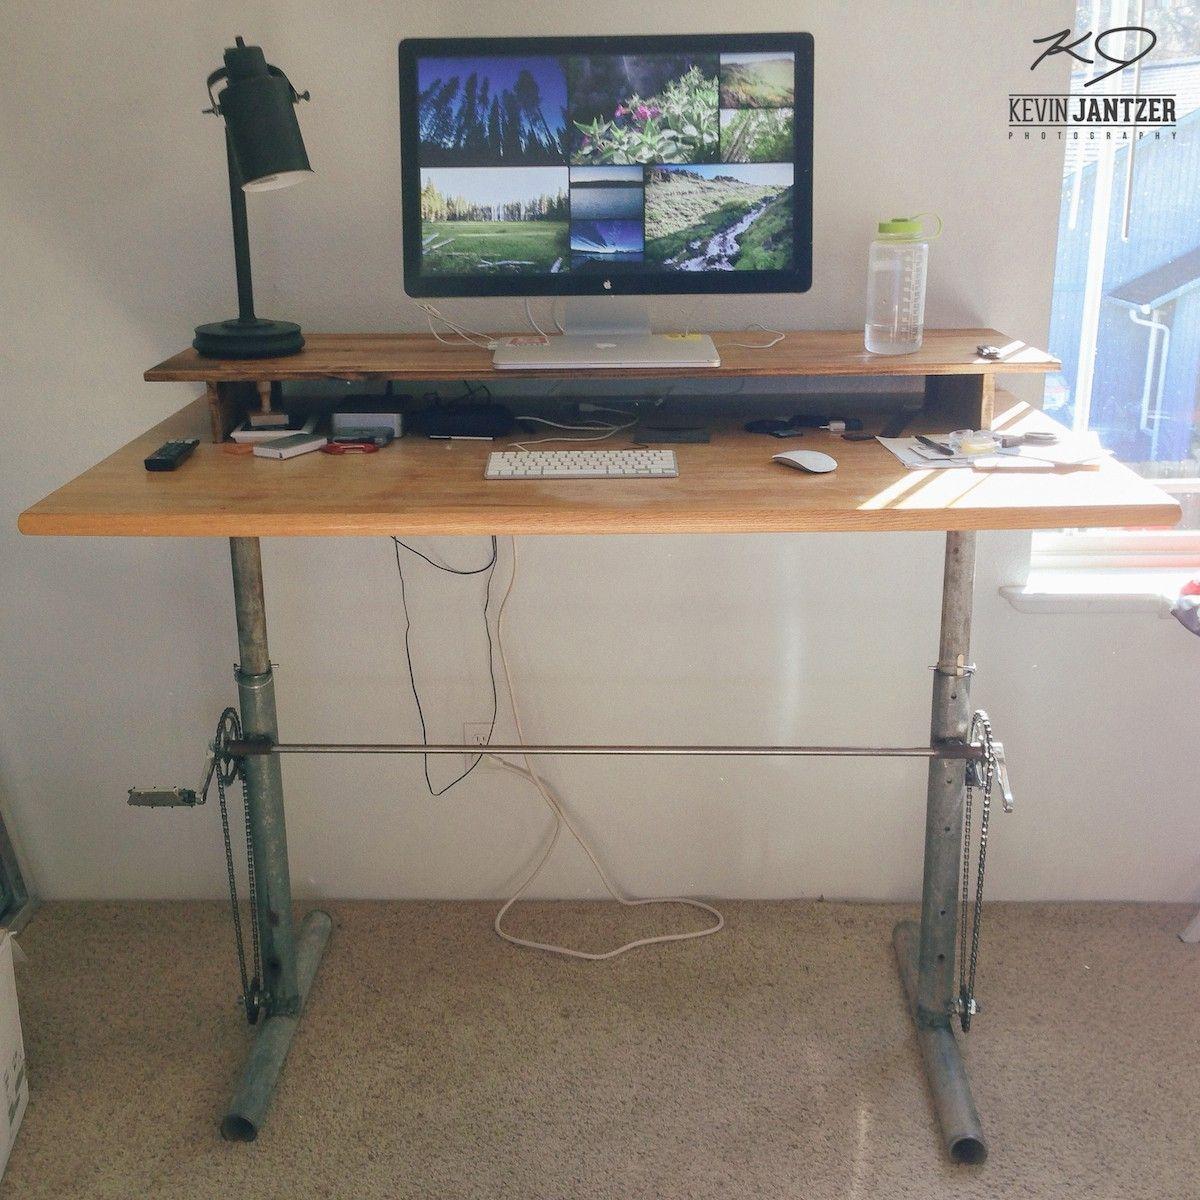 Kevin Jantzer Diy Adjustable Standing Desk Adjustable Standing Desk Standing Desk Plans Standing Desk Design